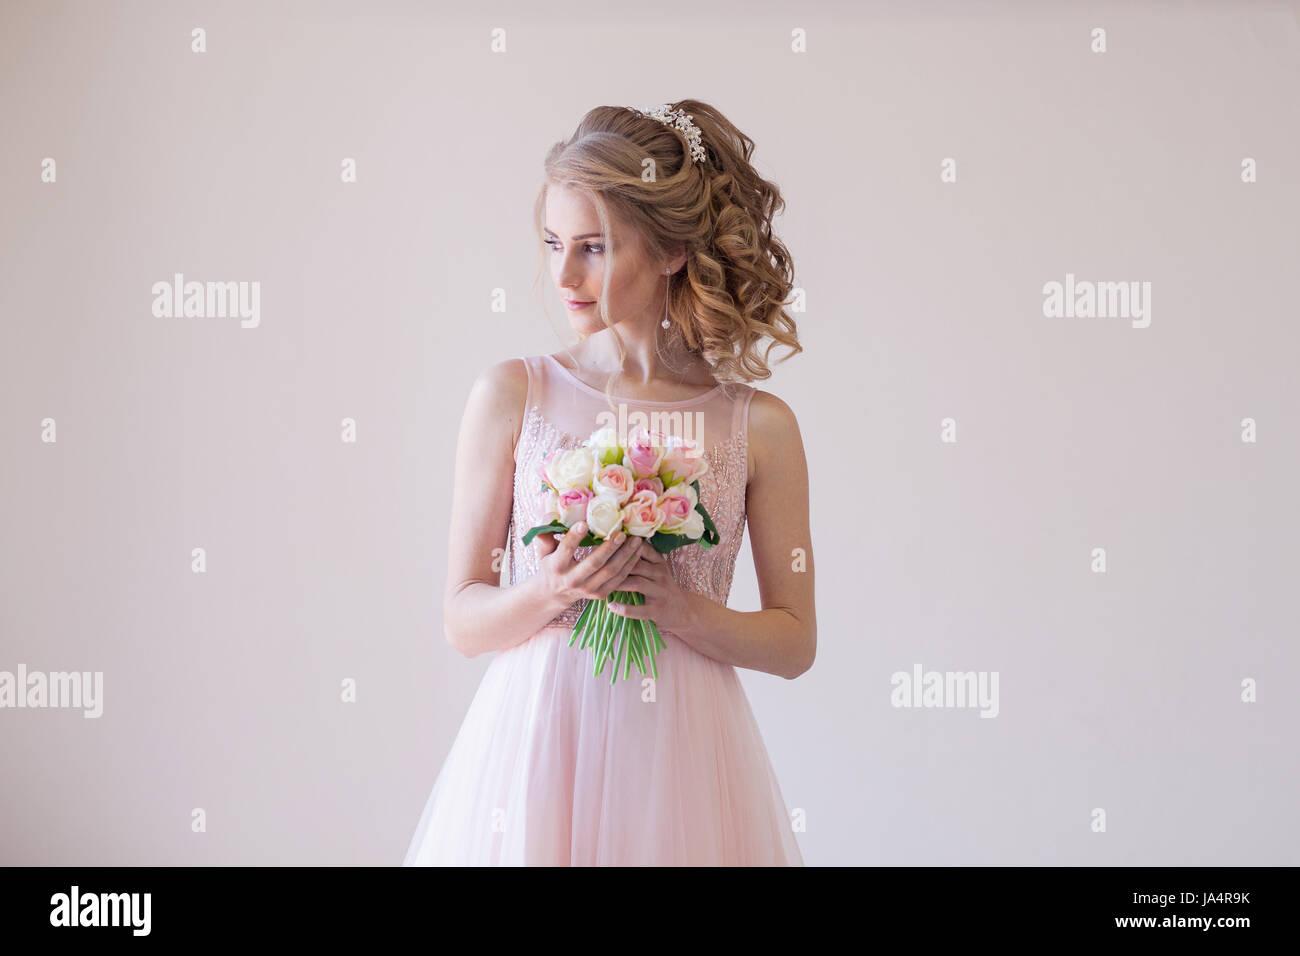 Braut in einem rosa Hochzeitskleid und Blumenstrauß Stockfoto, Bild ...